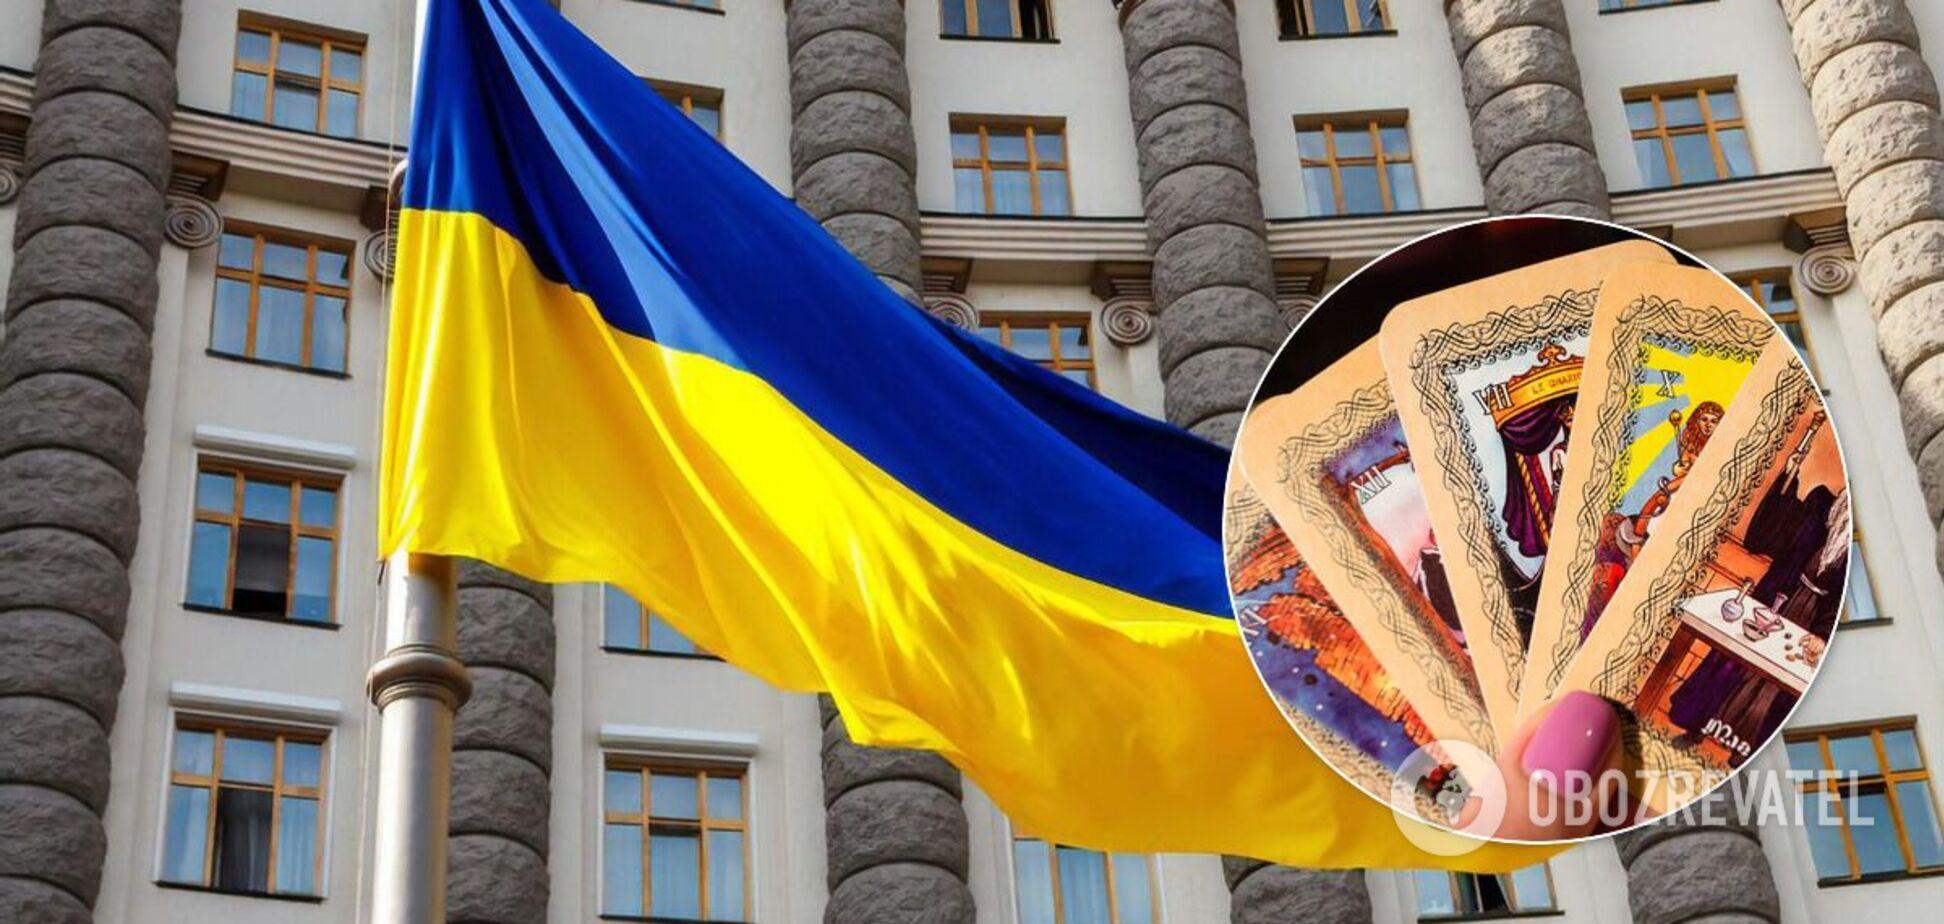 Прогноз для України за картами Таро